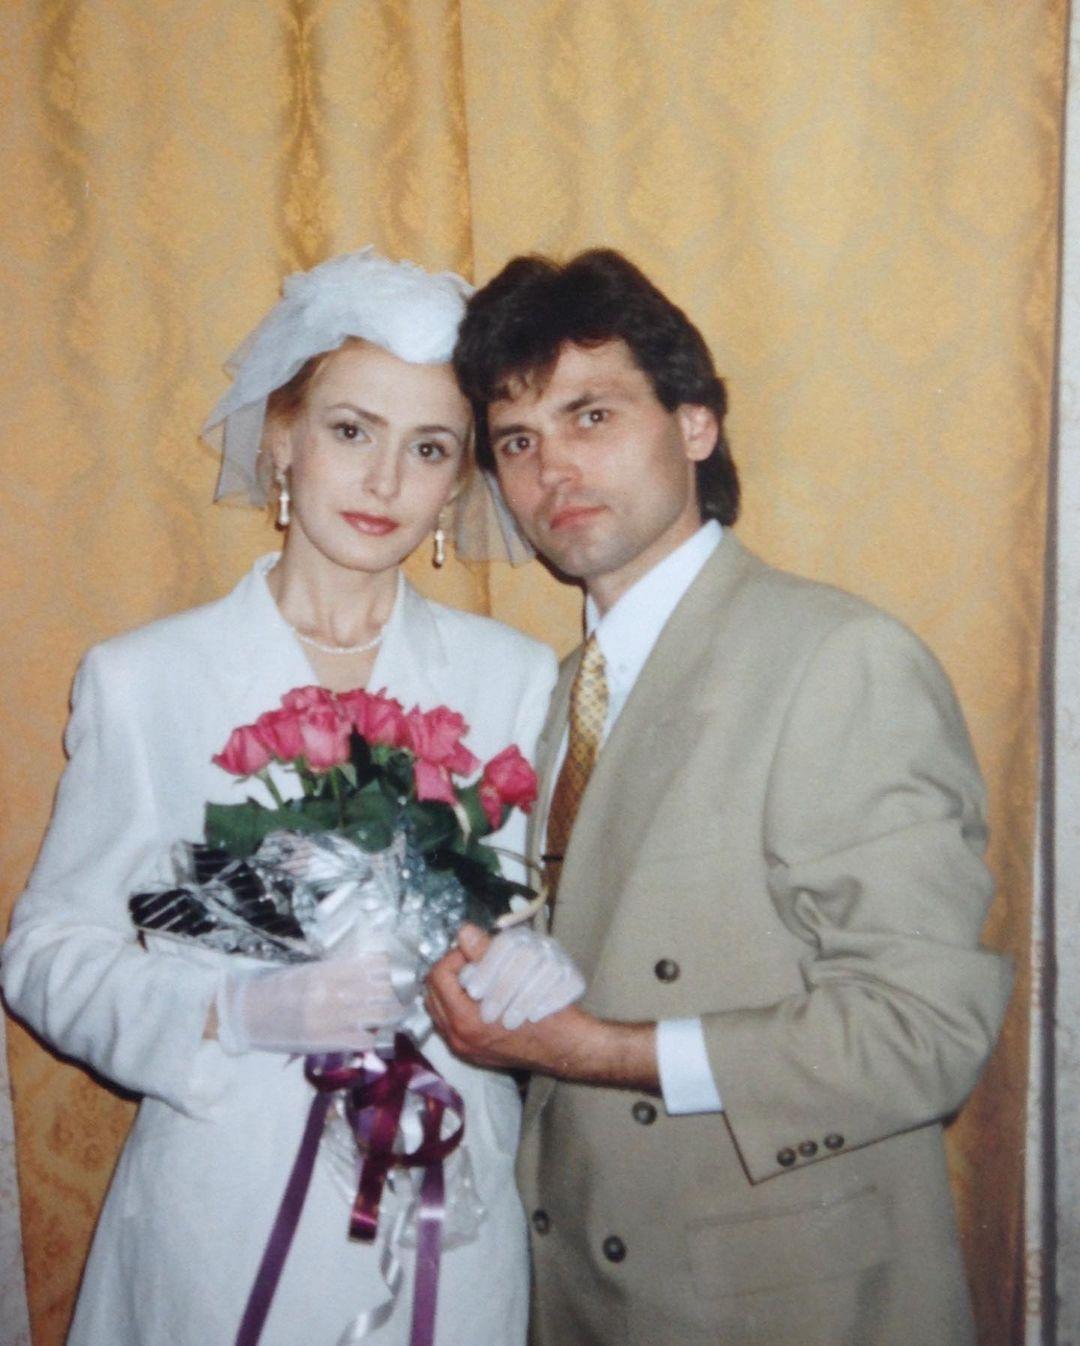 день семьи самые крепкие пары звезд украина шоу-бизнес ольга сумская виталий борисюк